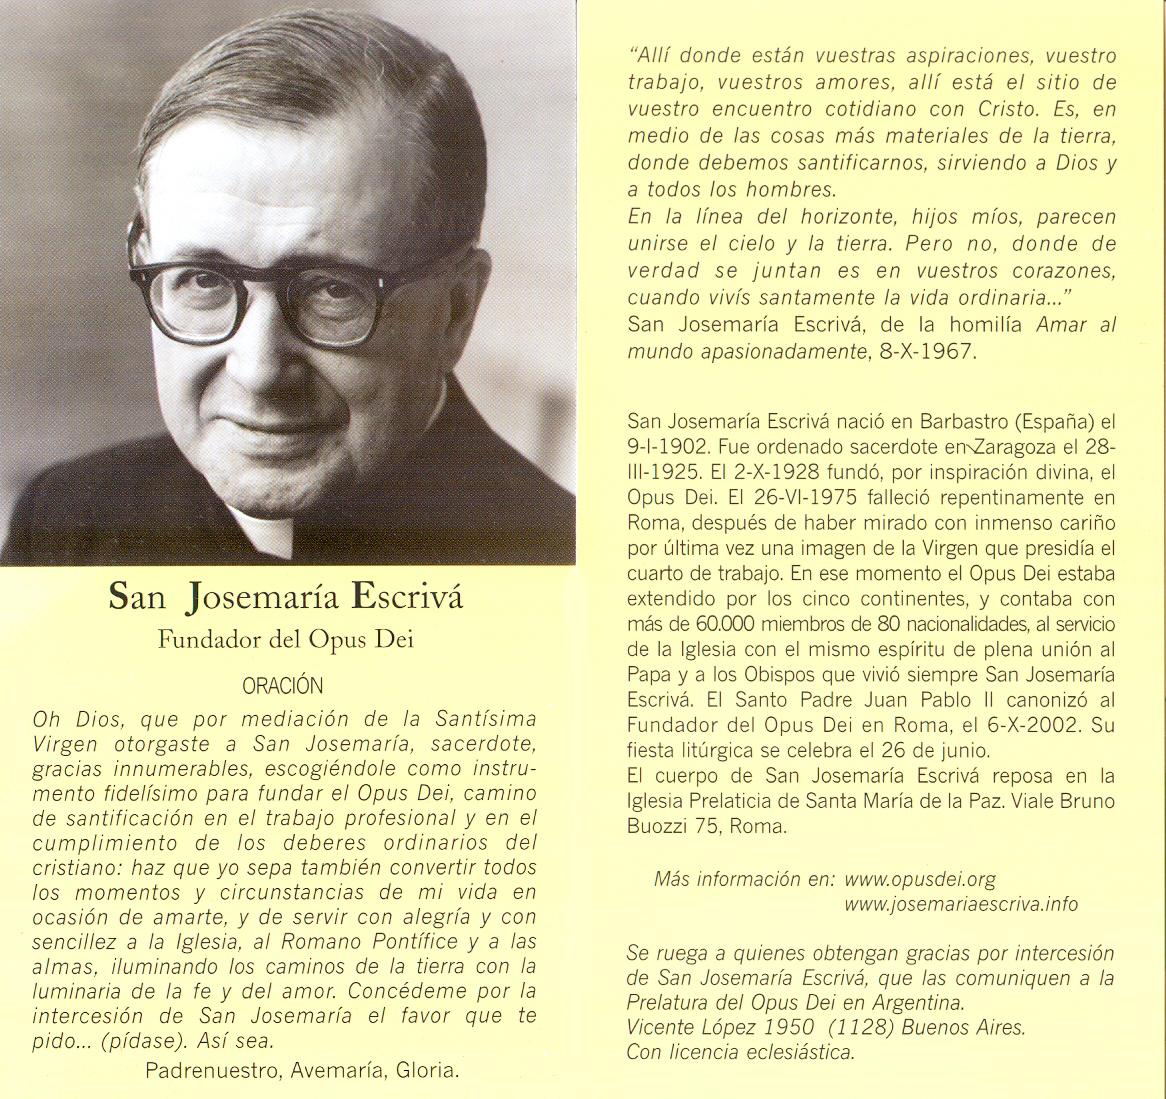 Estampa Frases Y Oración De San José María Escrivá Directorio De La Iglesia Católica